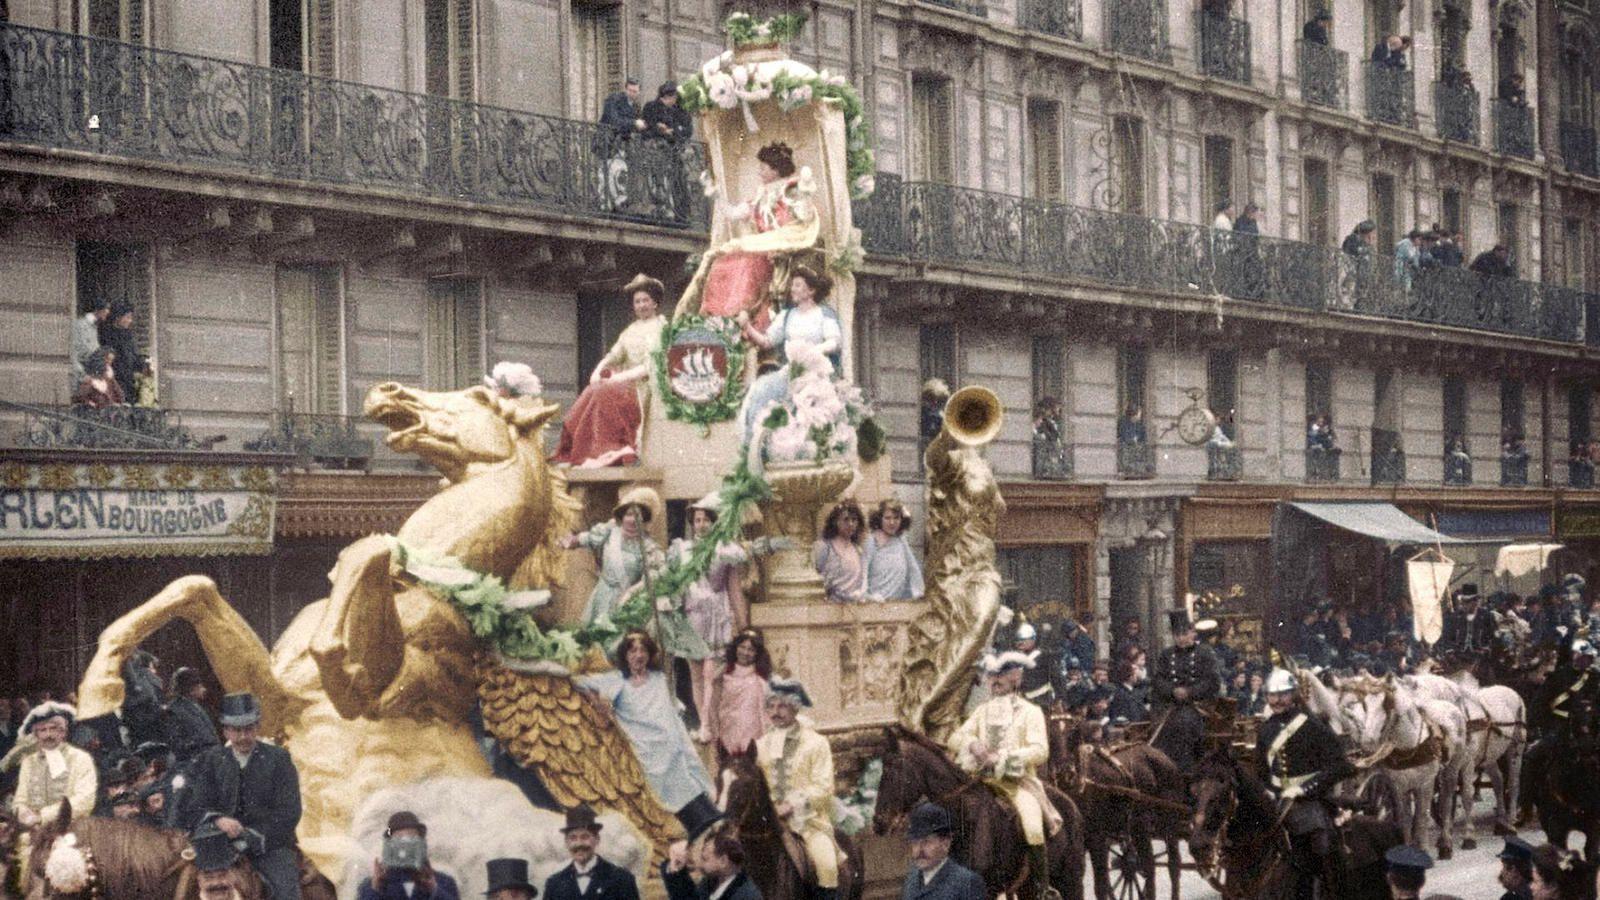 Notre France - Page 5 Ob_c9c8ec_une-si-belle-epoque-preview-2300